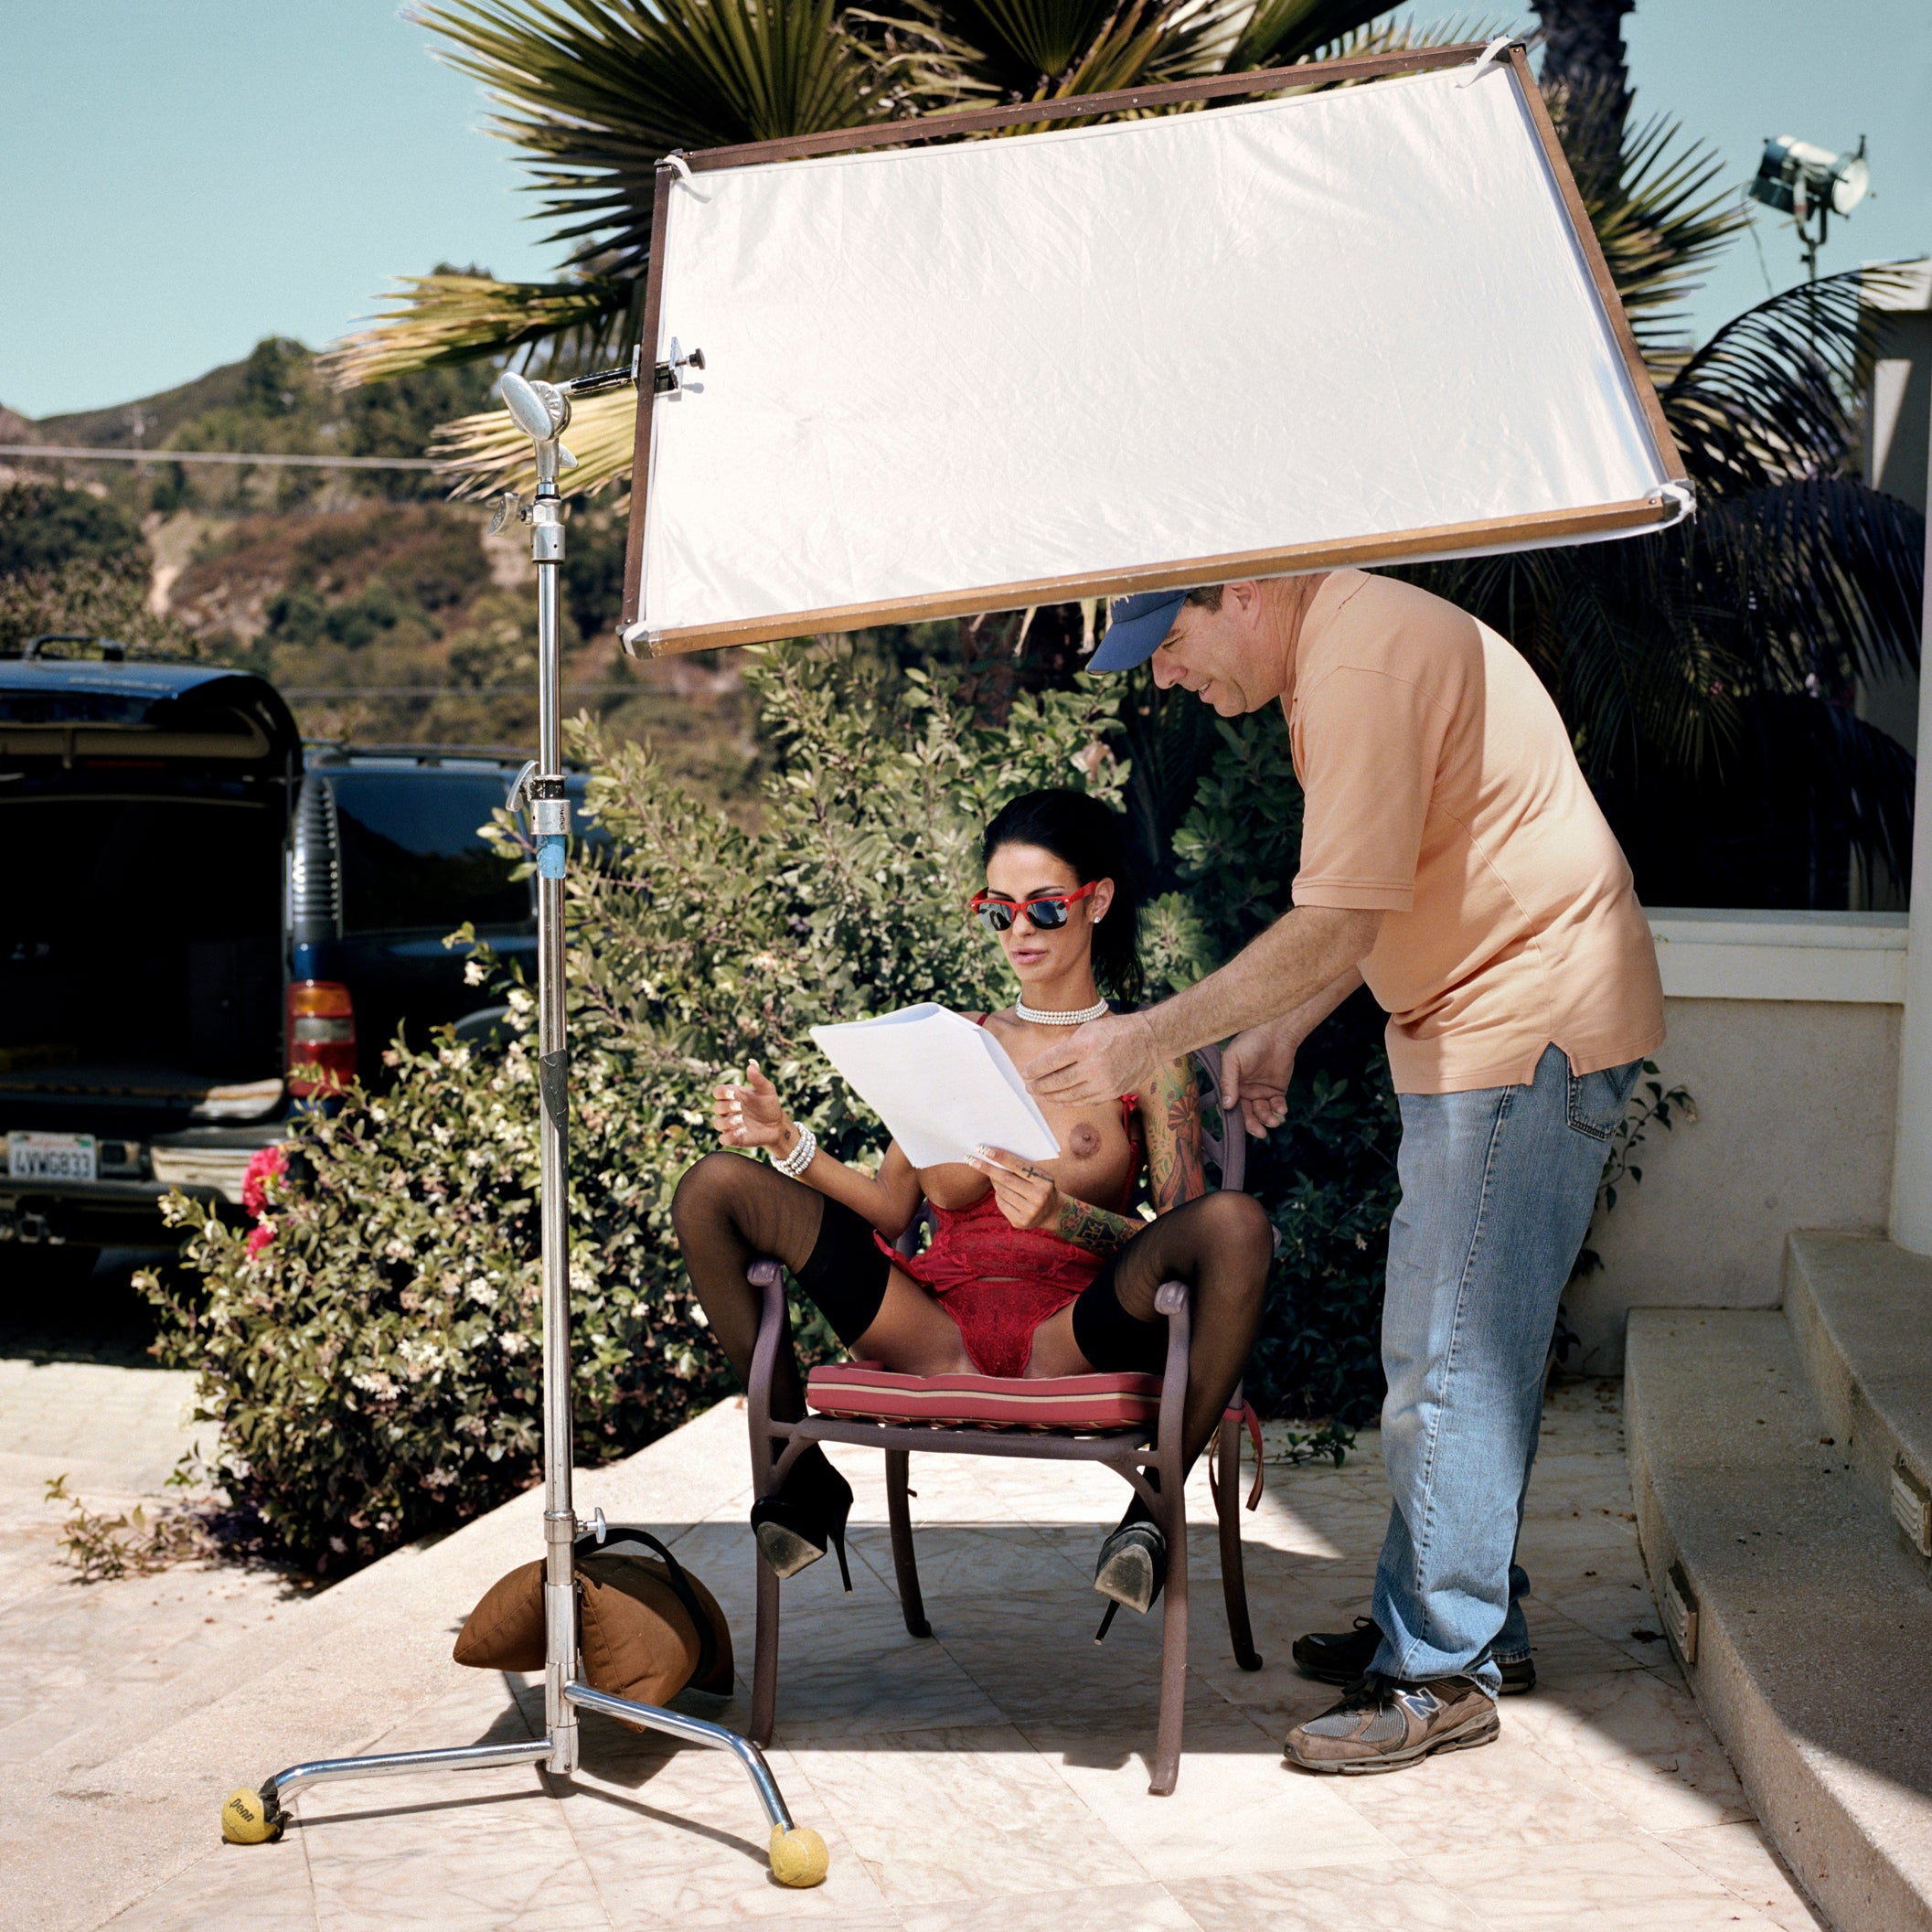 Секс на съёмочной площадке 7 фотография